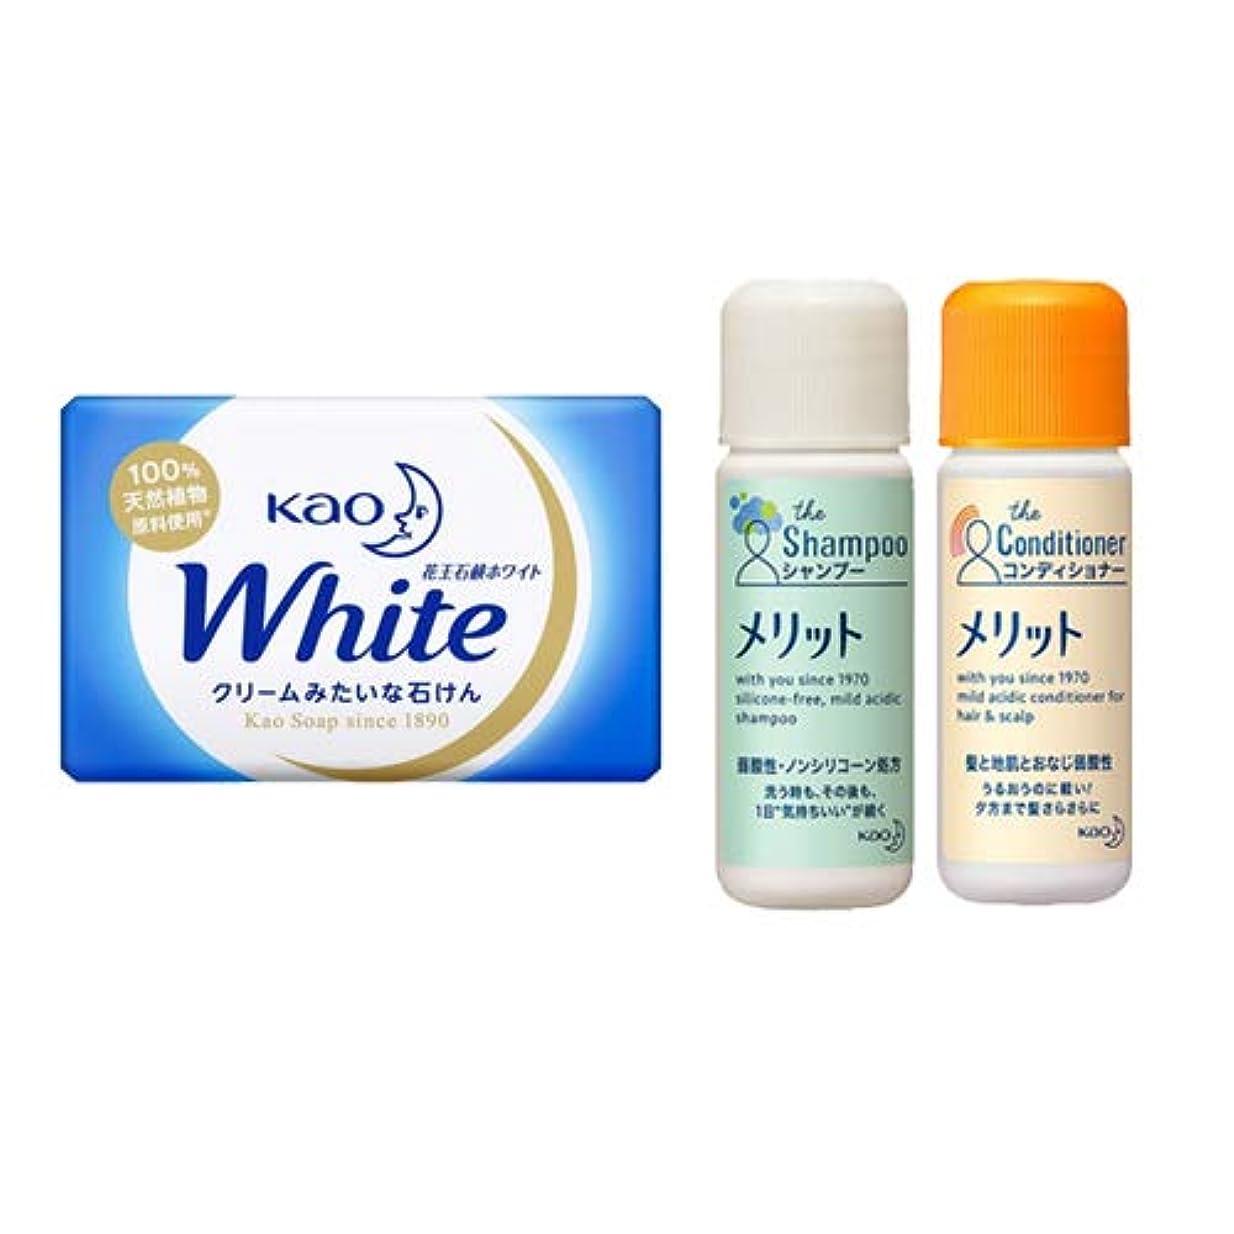 配偶者講義関数花王(KAO) 石鹸ホワイト(Kao Soap White) 15g + メリットシャンプー 16ml + リンス 16ml セット